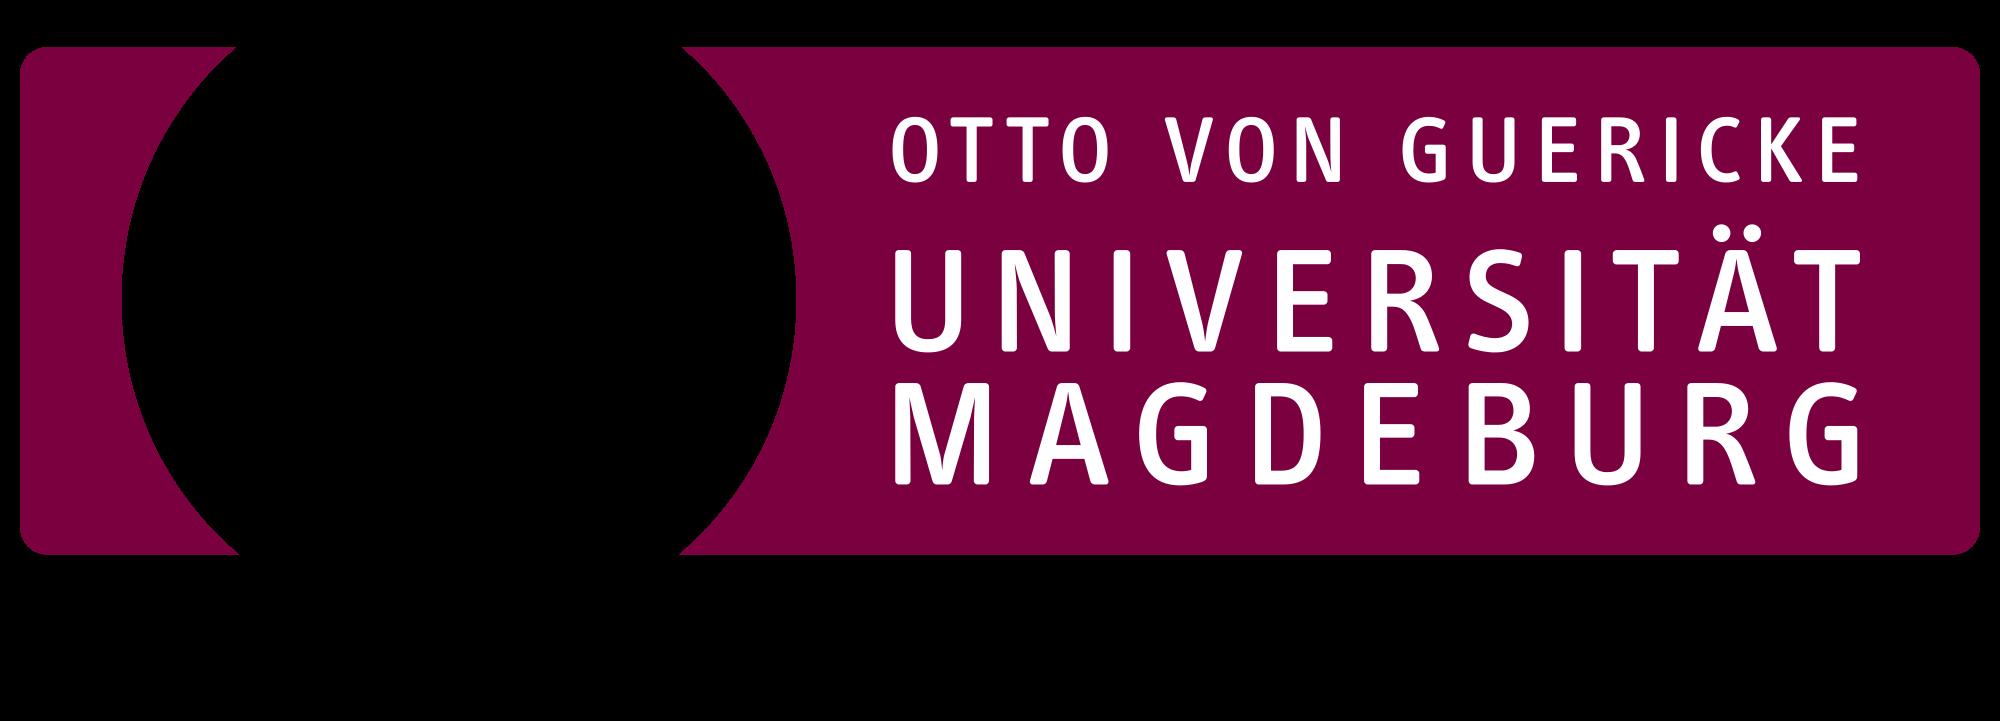 Arbeits- und Organisationspsychologie an der Universität Magdeburg